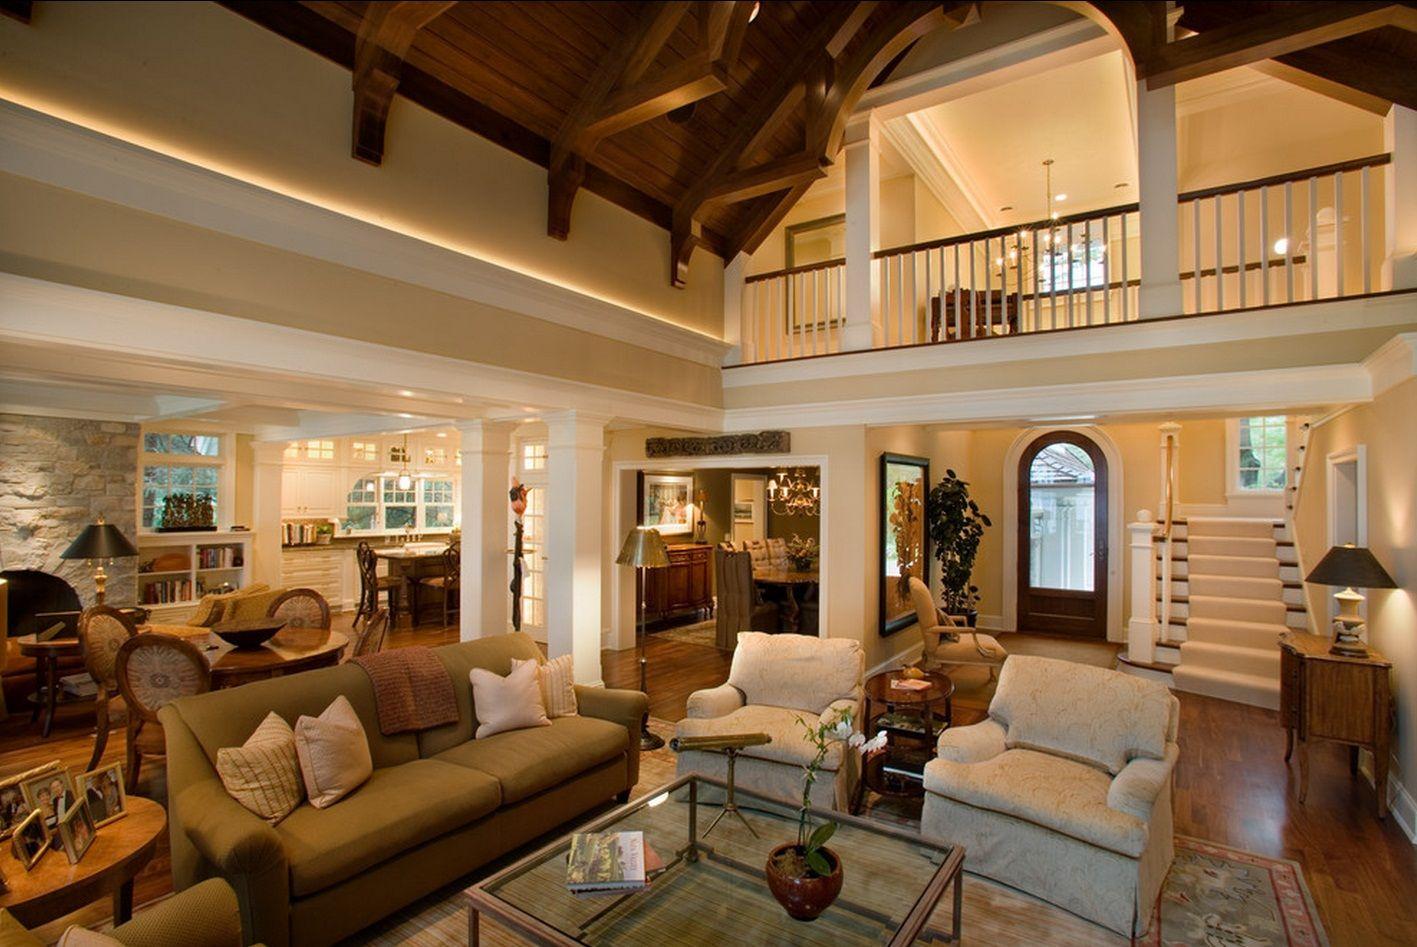 Wohnzimmer Amerikanische Hauser Inneneinrichtung – Free HD ...